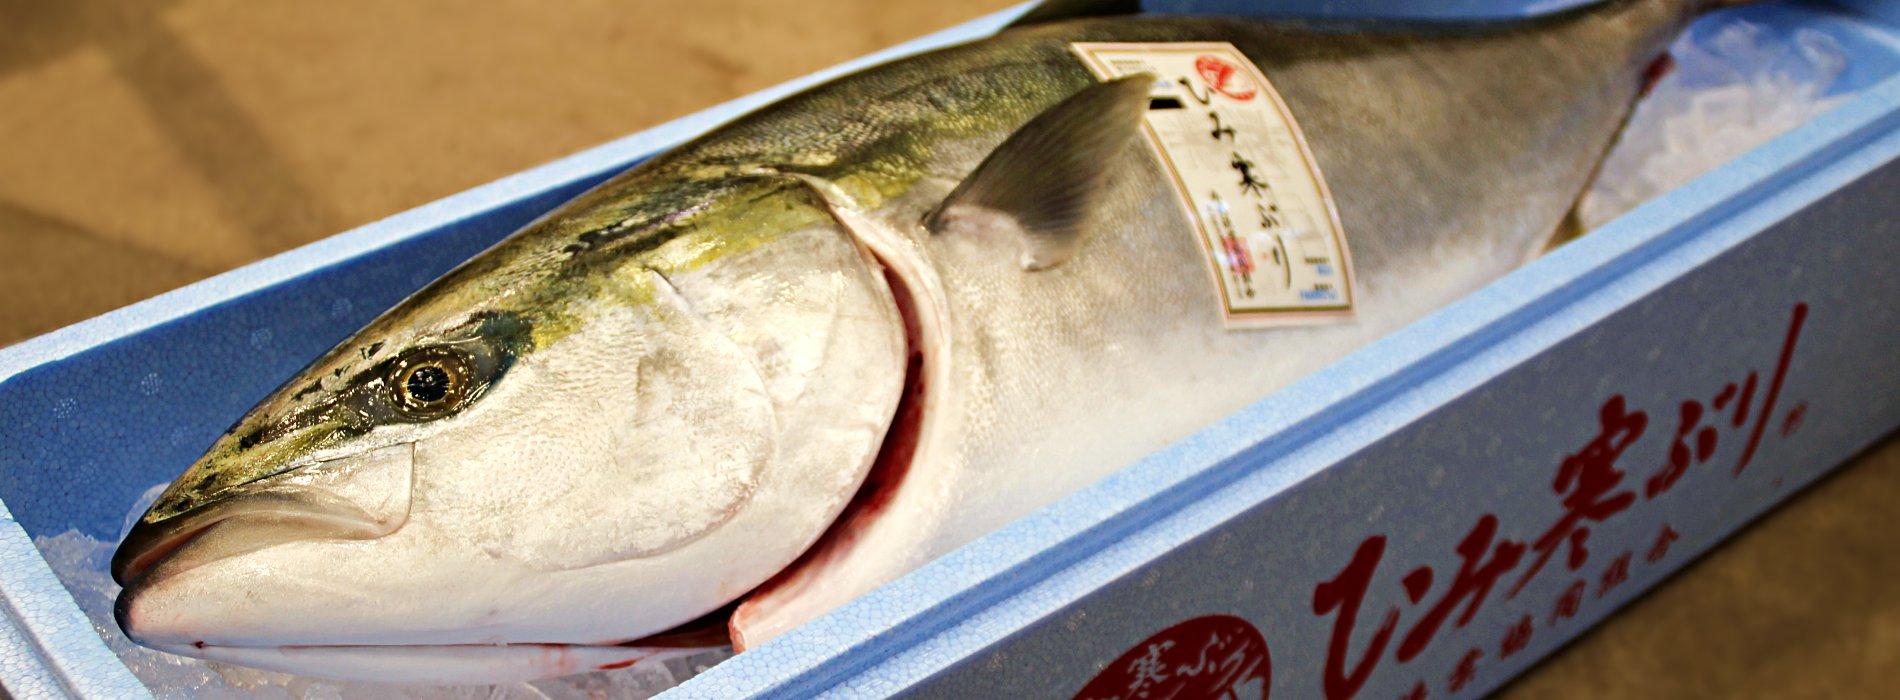 氷見の魚の王様 ひみ寒ぶり